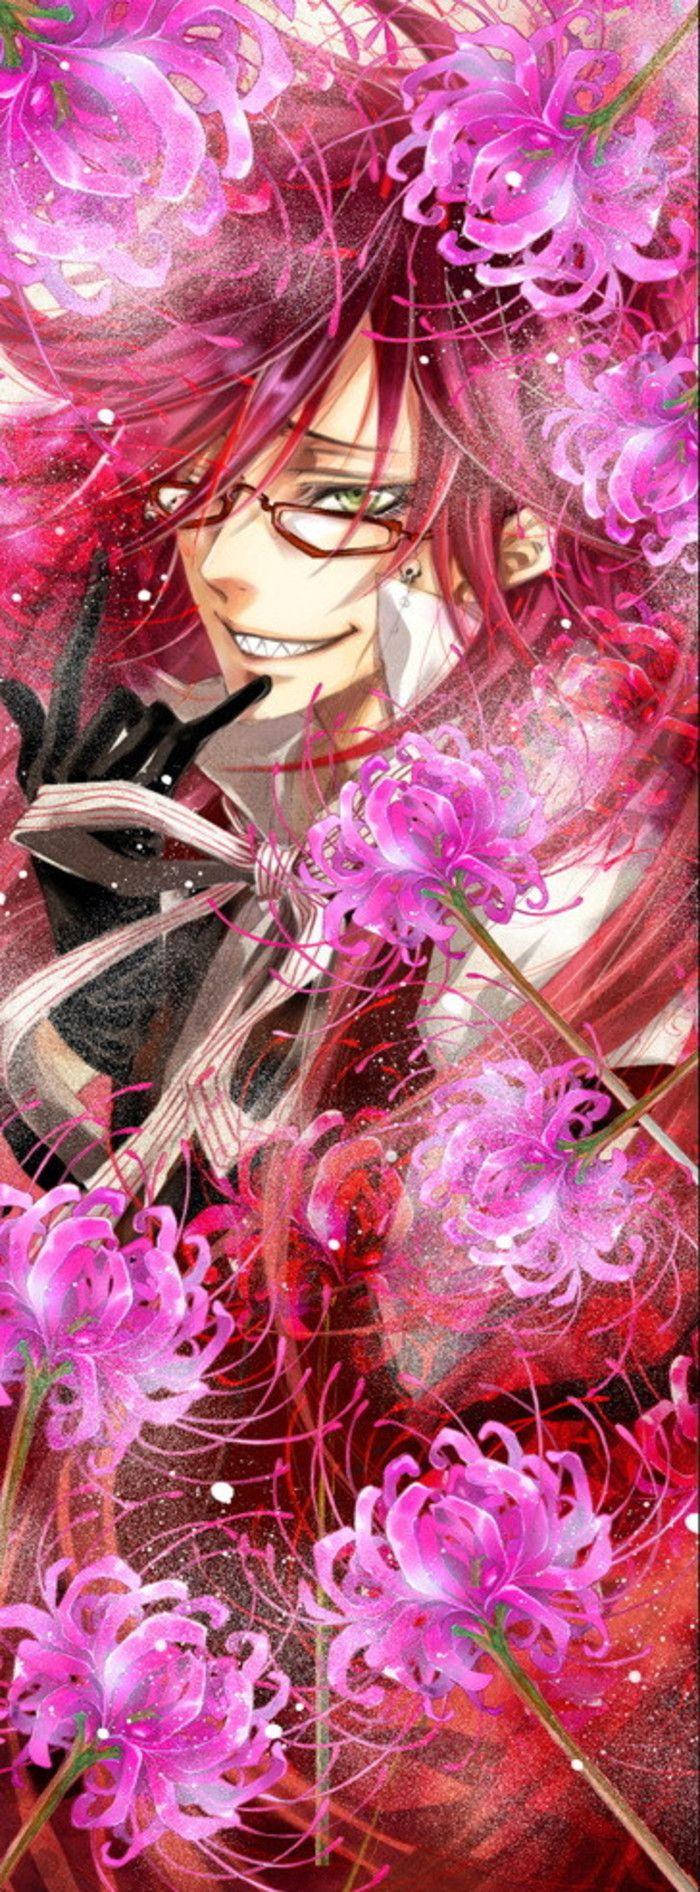 黑执事 死神 Grell Sutcliff - Black Butler/Kuroshitsuji and my lovely Spider Lily